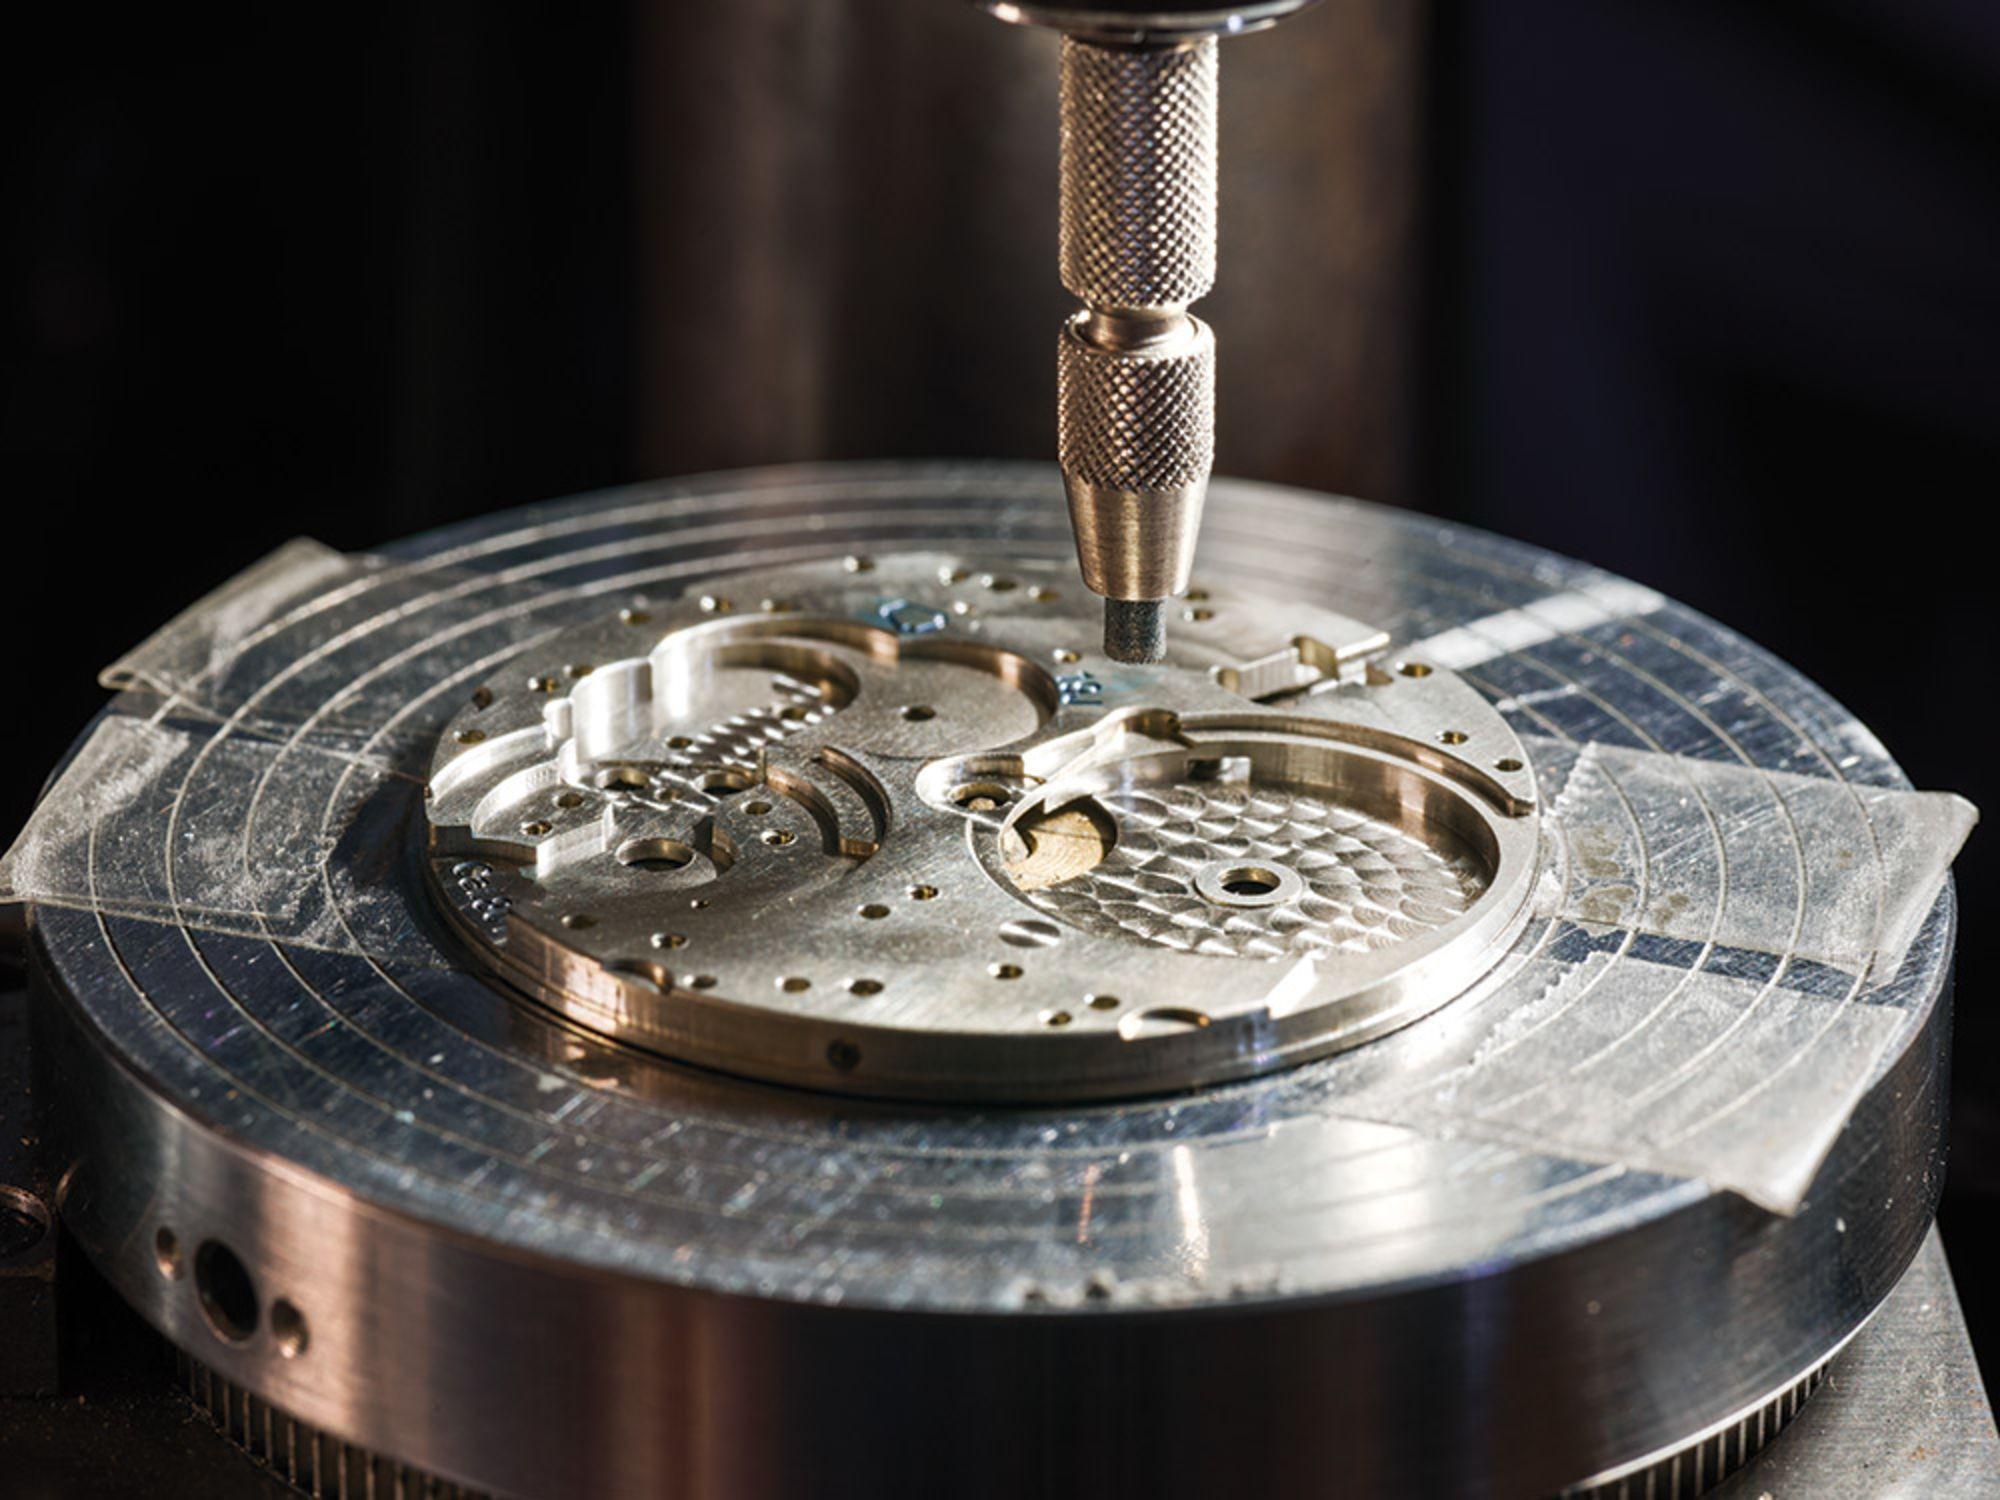 Cửa hiệu chế tạo đồng hồ cao cấp cuối cùng ở Mỹ: mỗi năm làm chưa đến 60 cái nhưng mỗi cái bán tới 2 tỉ đồng - Ảnh 3.